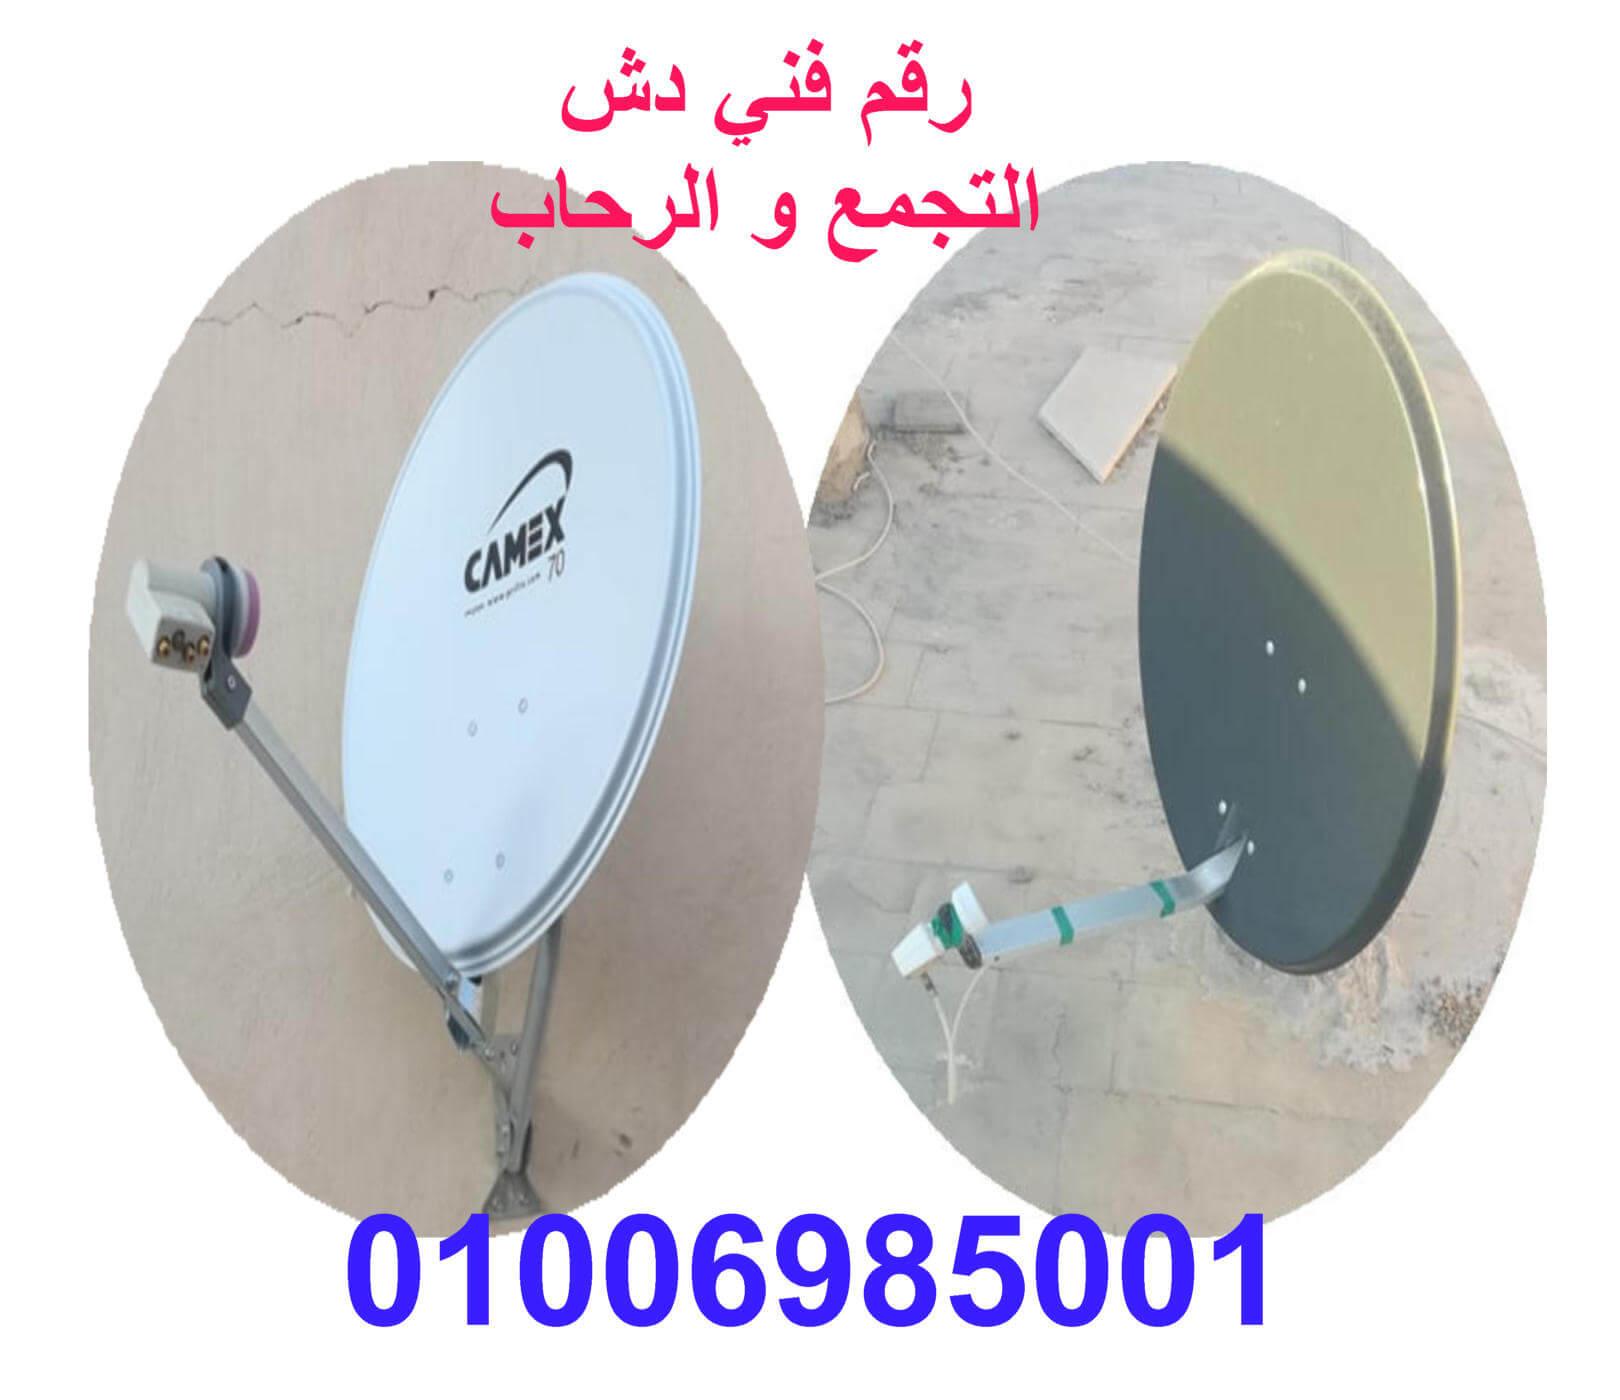 Photo of رقم فني دش 01006985001